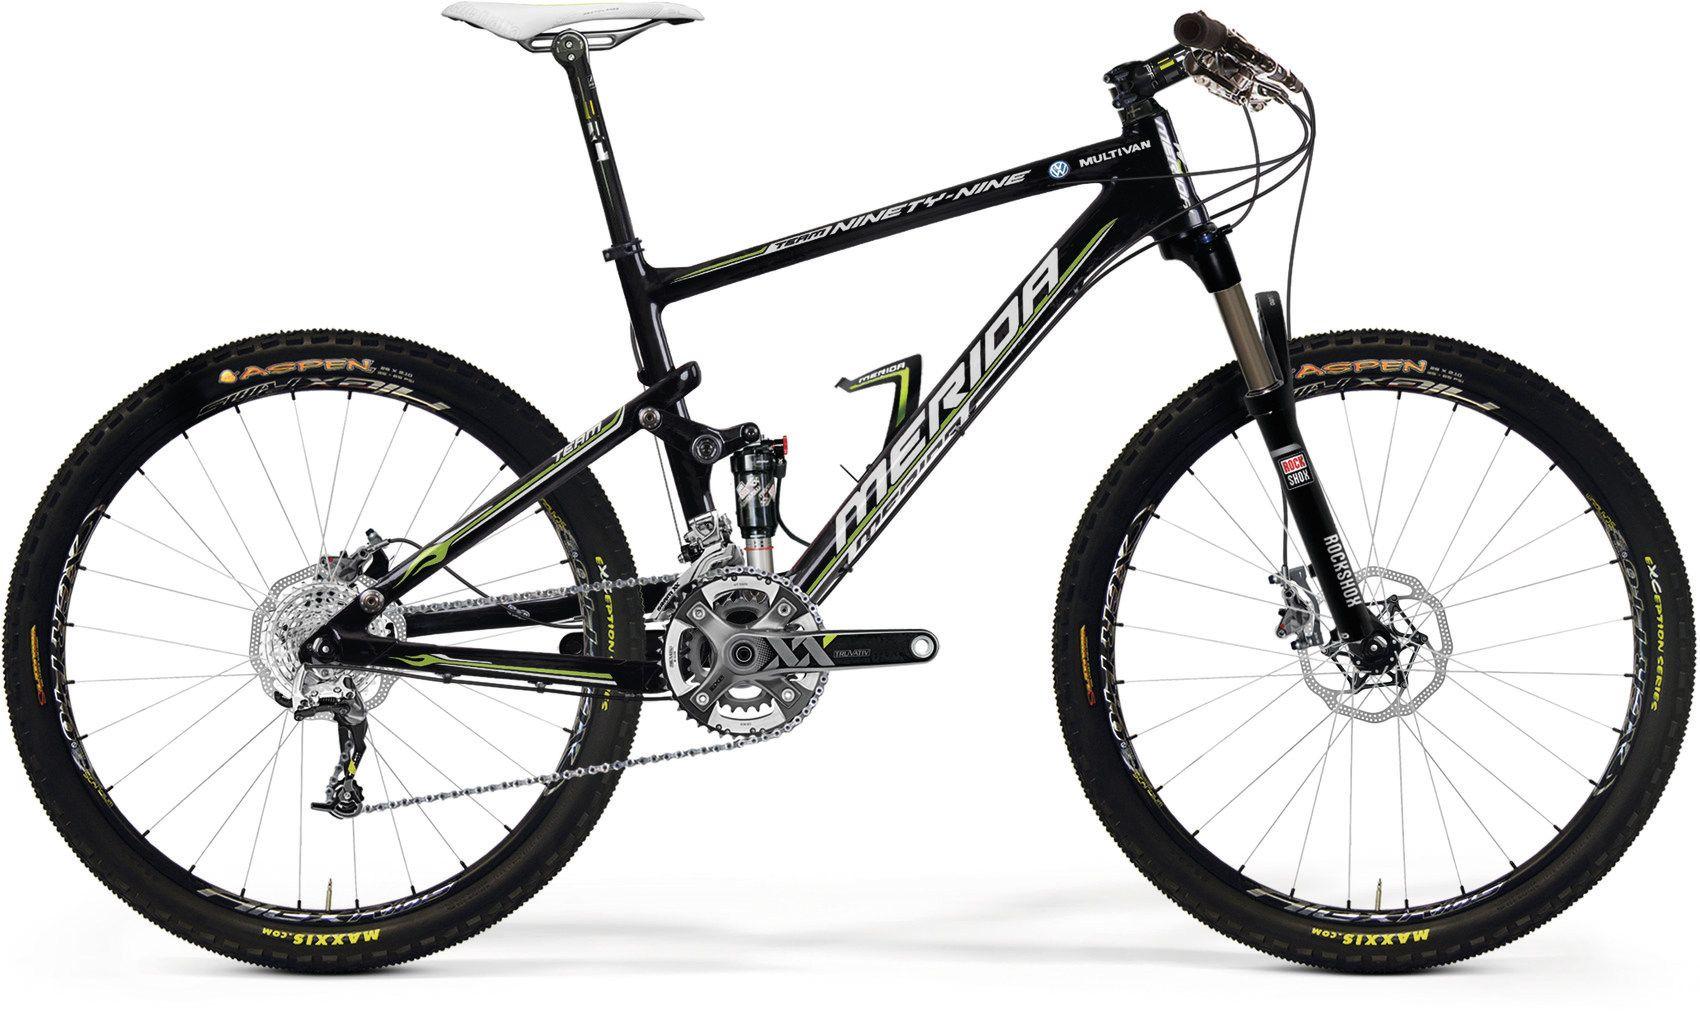 MERIDA M.O.R.E BIKE Bike, Merida bikes, Bicycle